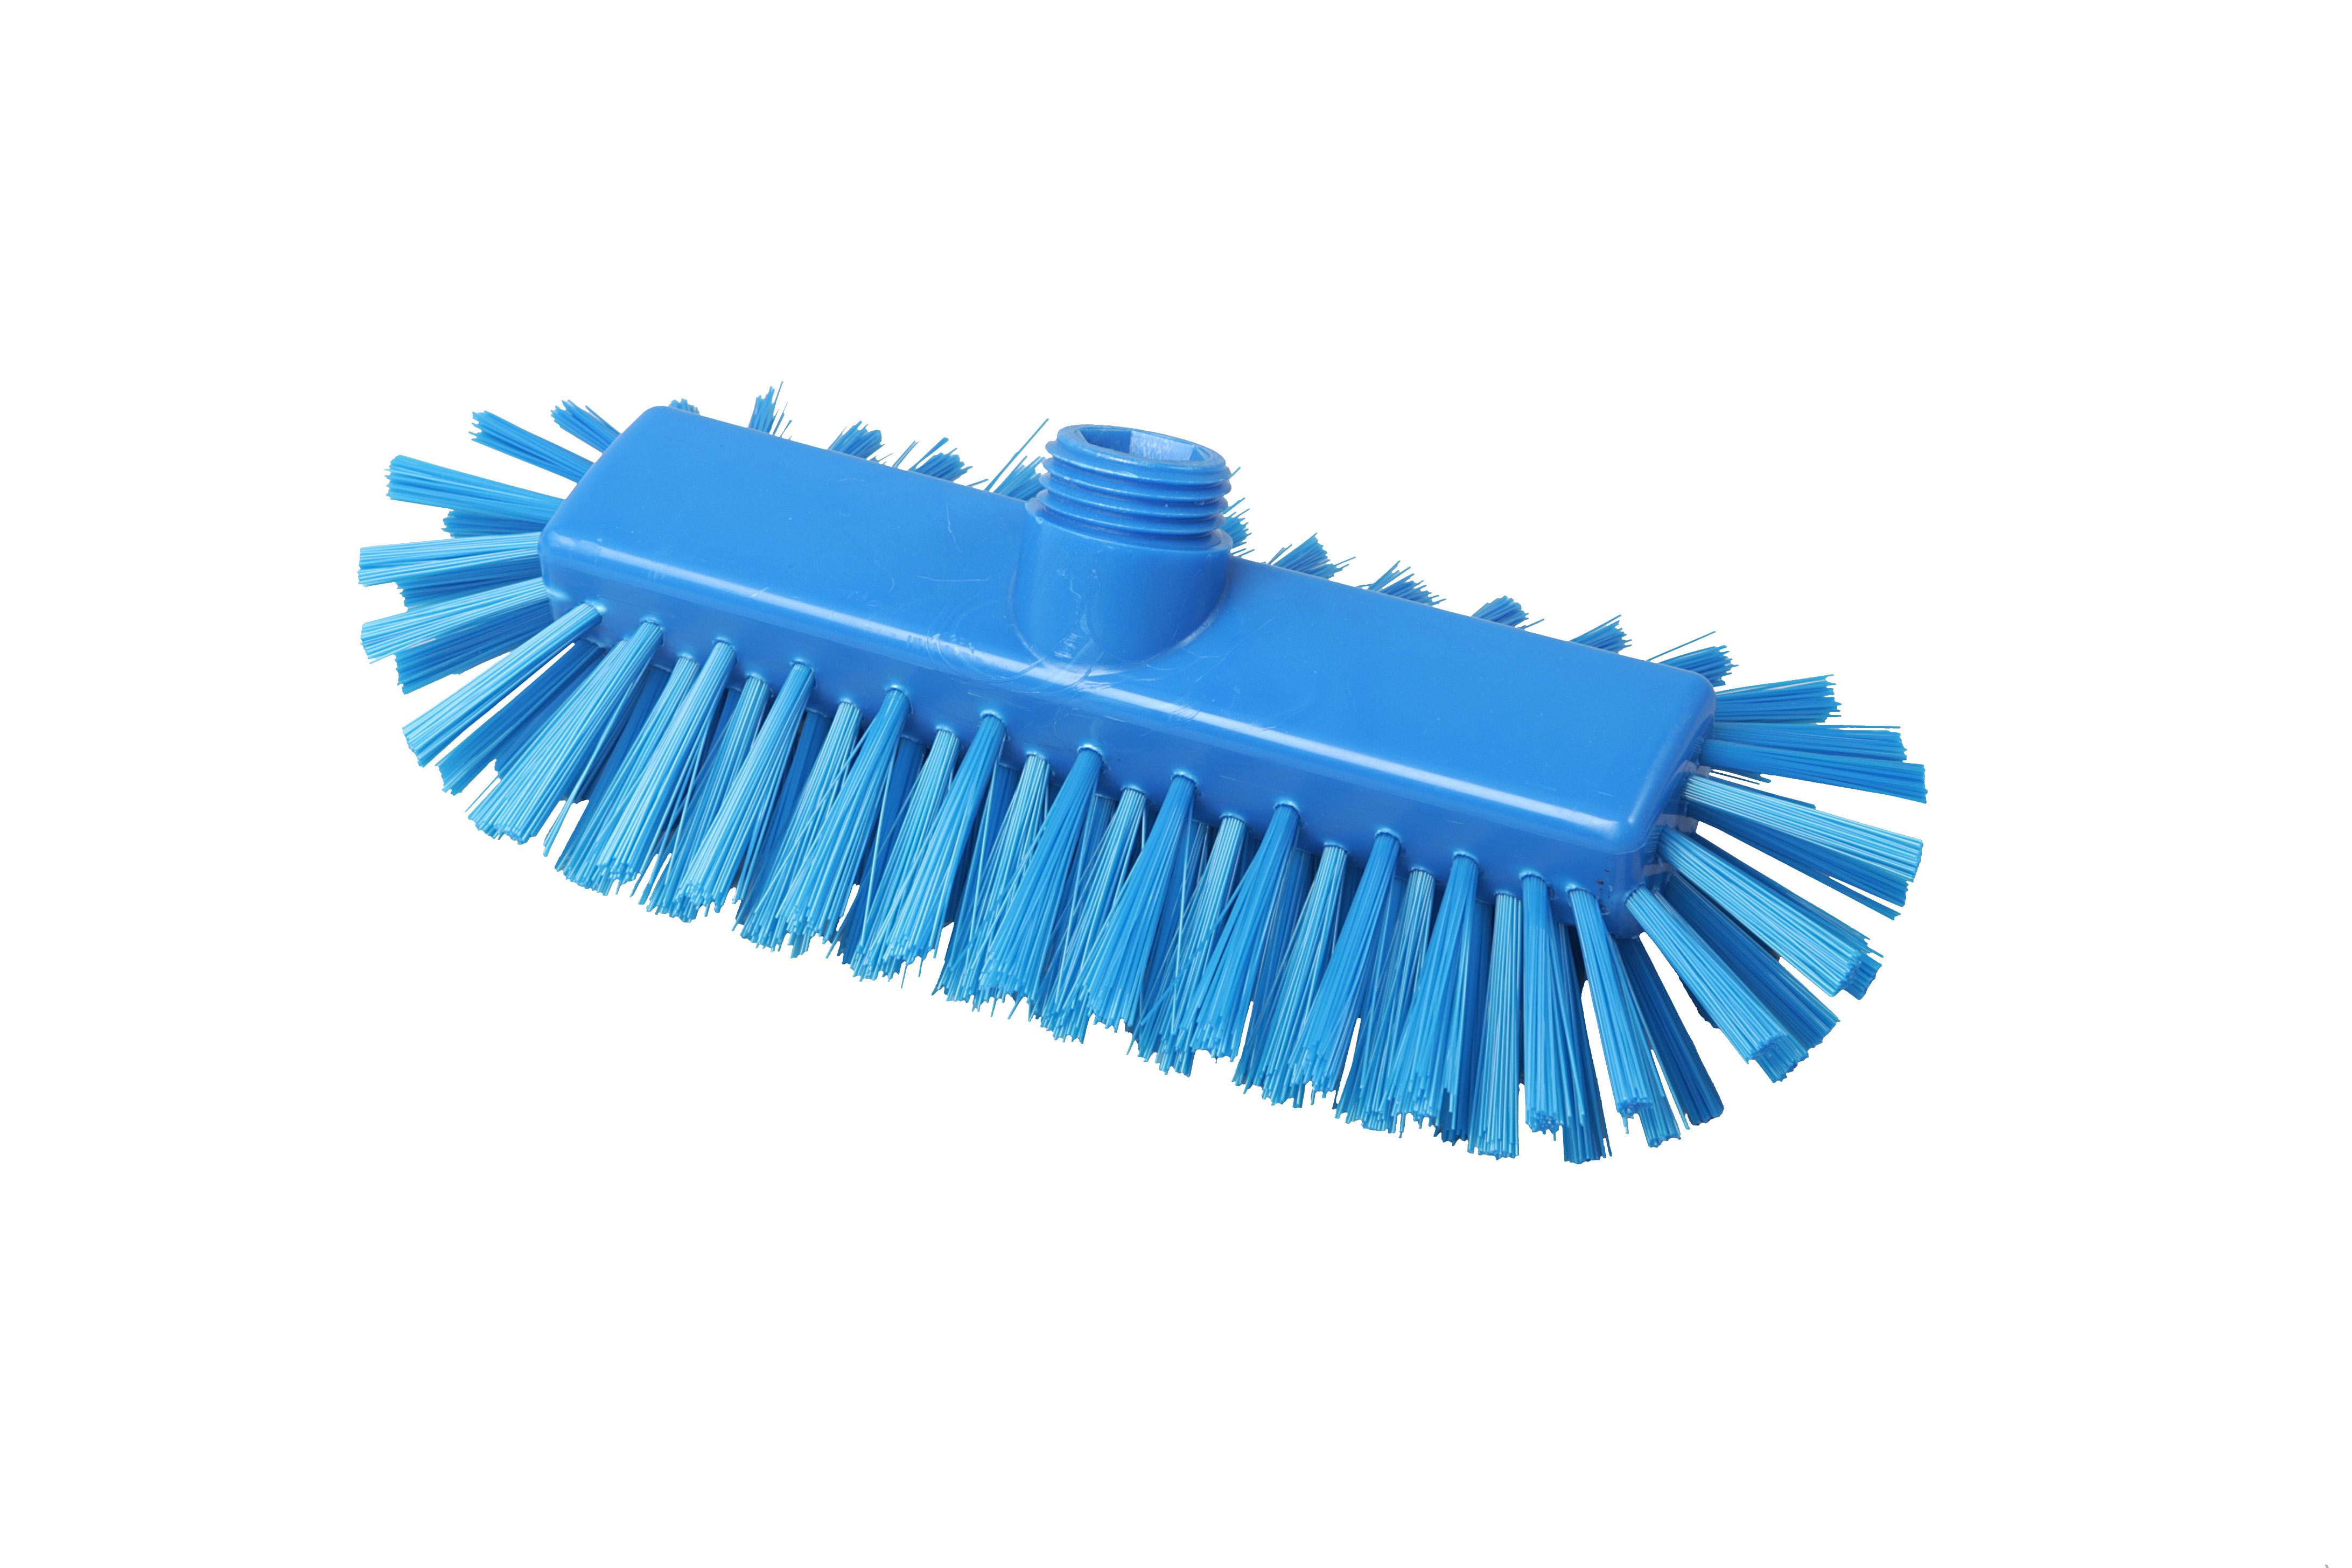 Unimop küürimishari 285 x 130 x 25/40 mm, tugev, sinine, kastis 6 tk